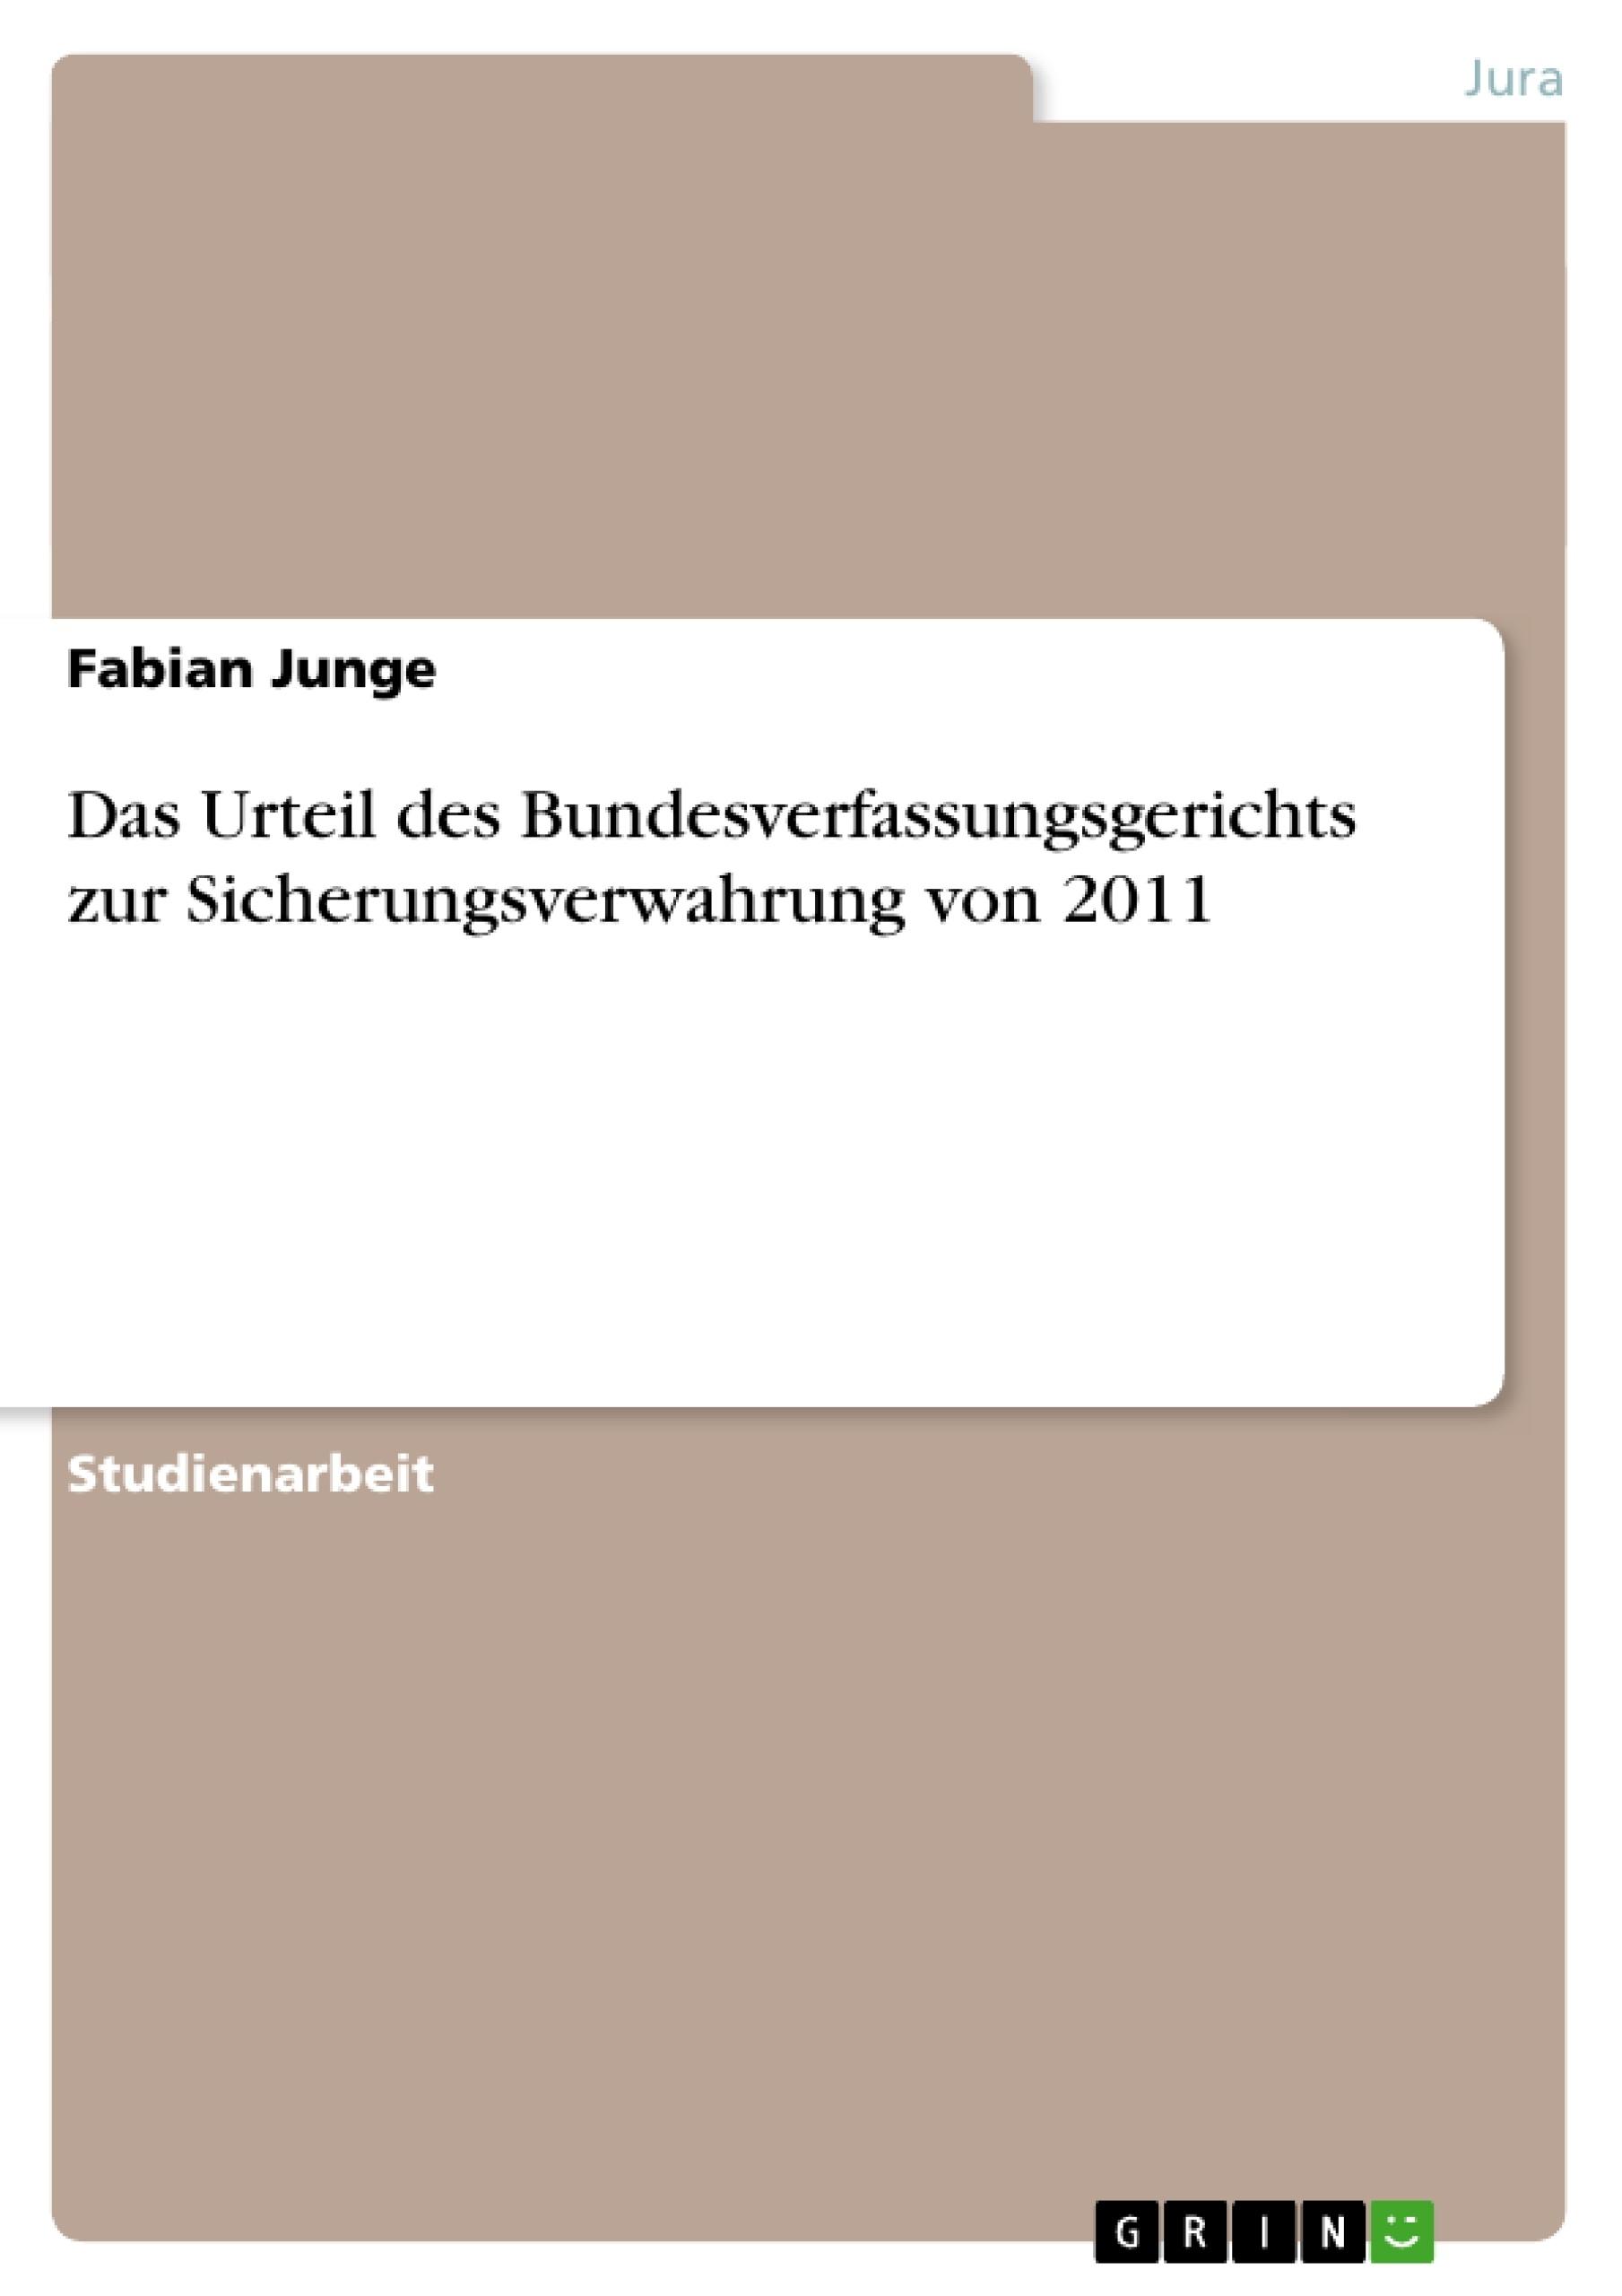 Titel: Das Urteil des Bundesverfassungsgerichts zur Sicherungsverwahrung von 2011